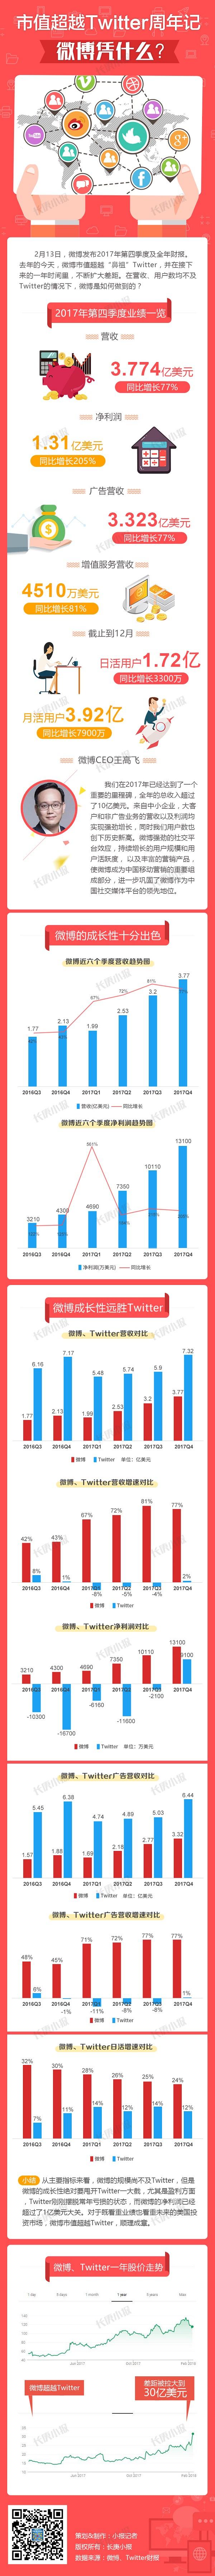 新浪微博市值超越Twitter一周年:这张图告诉为什么?